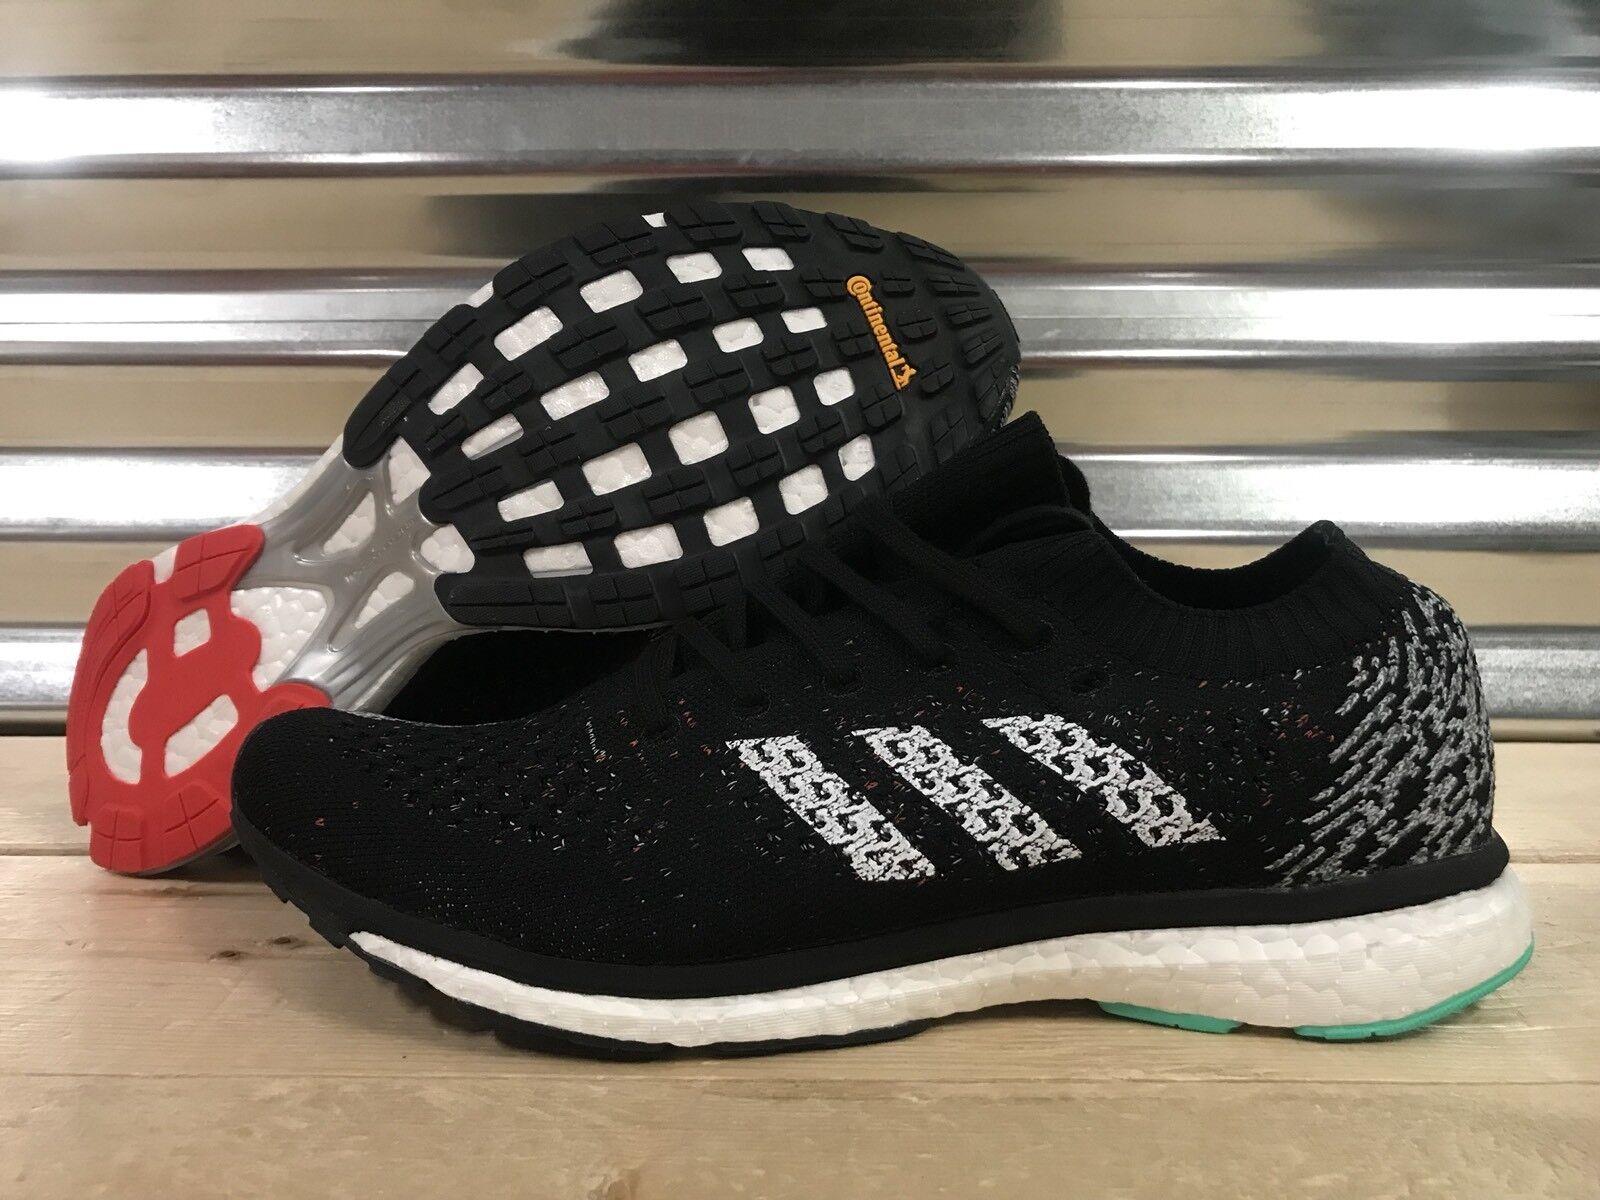 Adidas adizero primo ltd corsa aumentare le scarpe da corsa ltd nucleo nuvola nera sz (cp8922) 27bb93